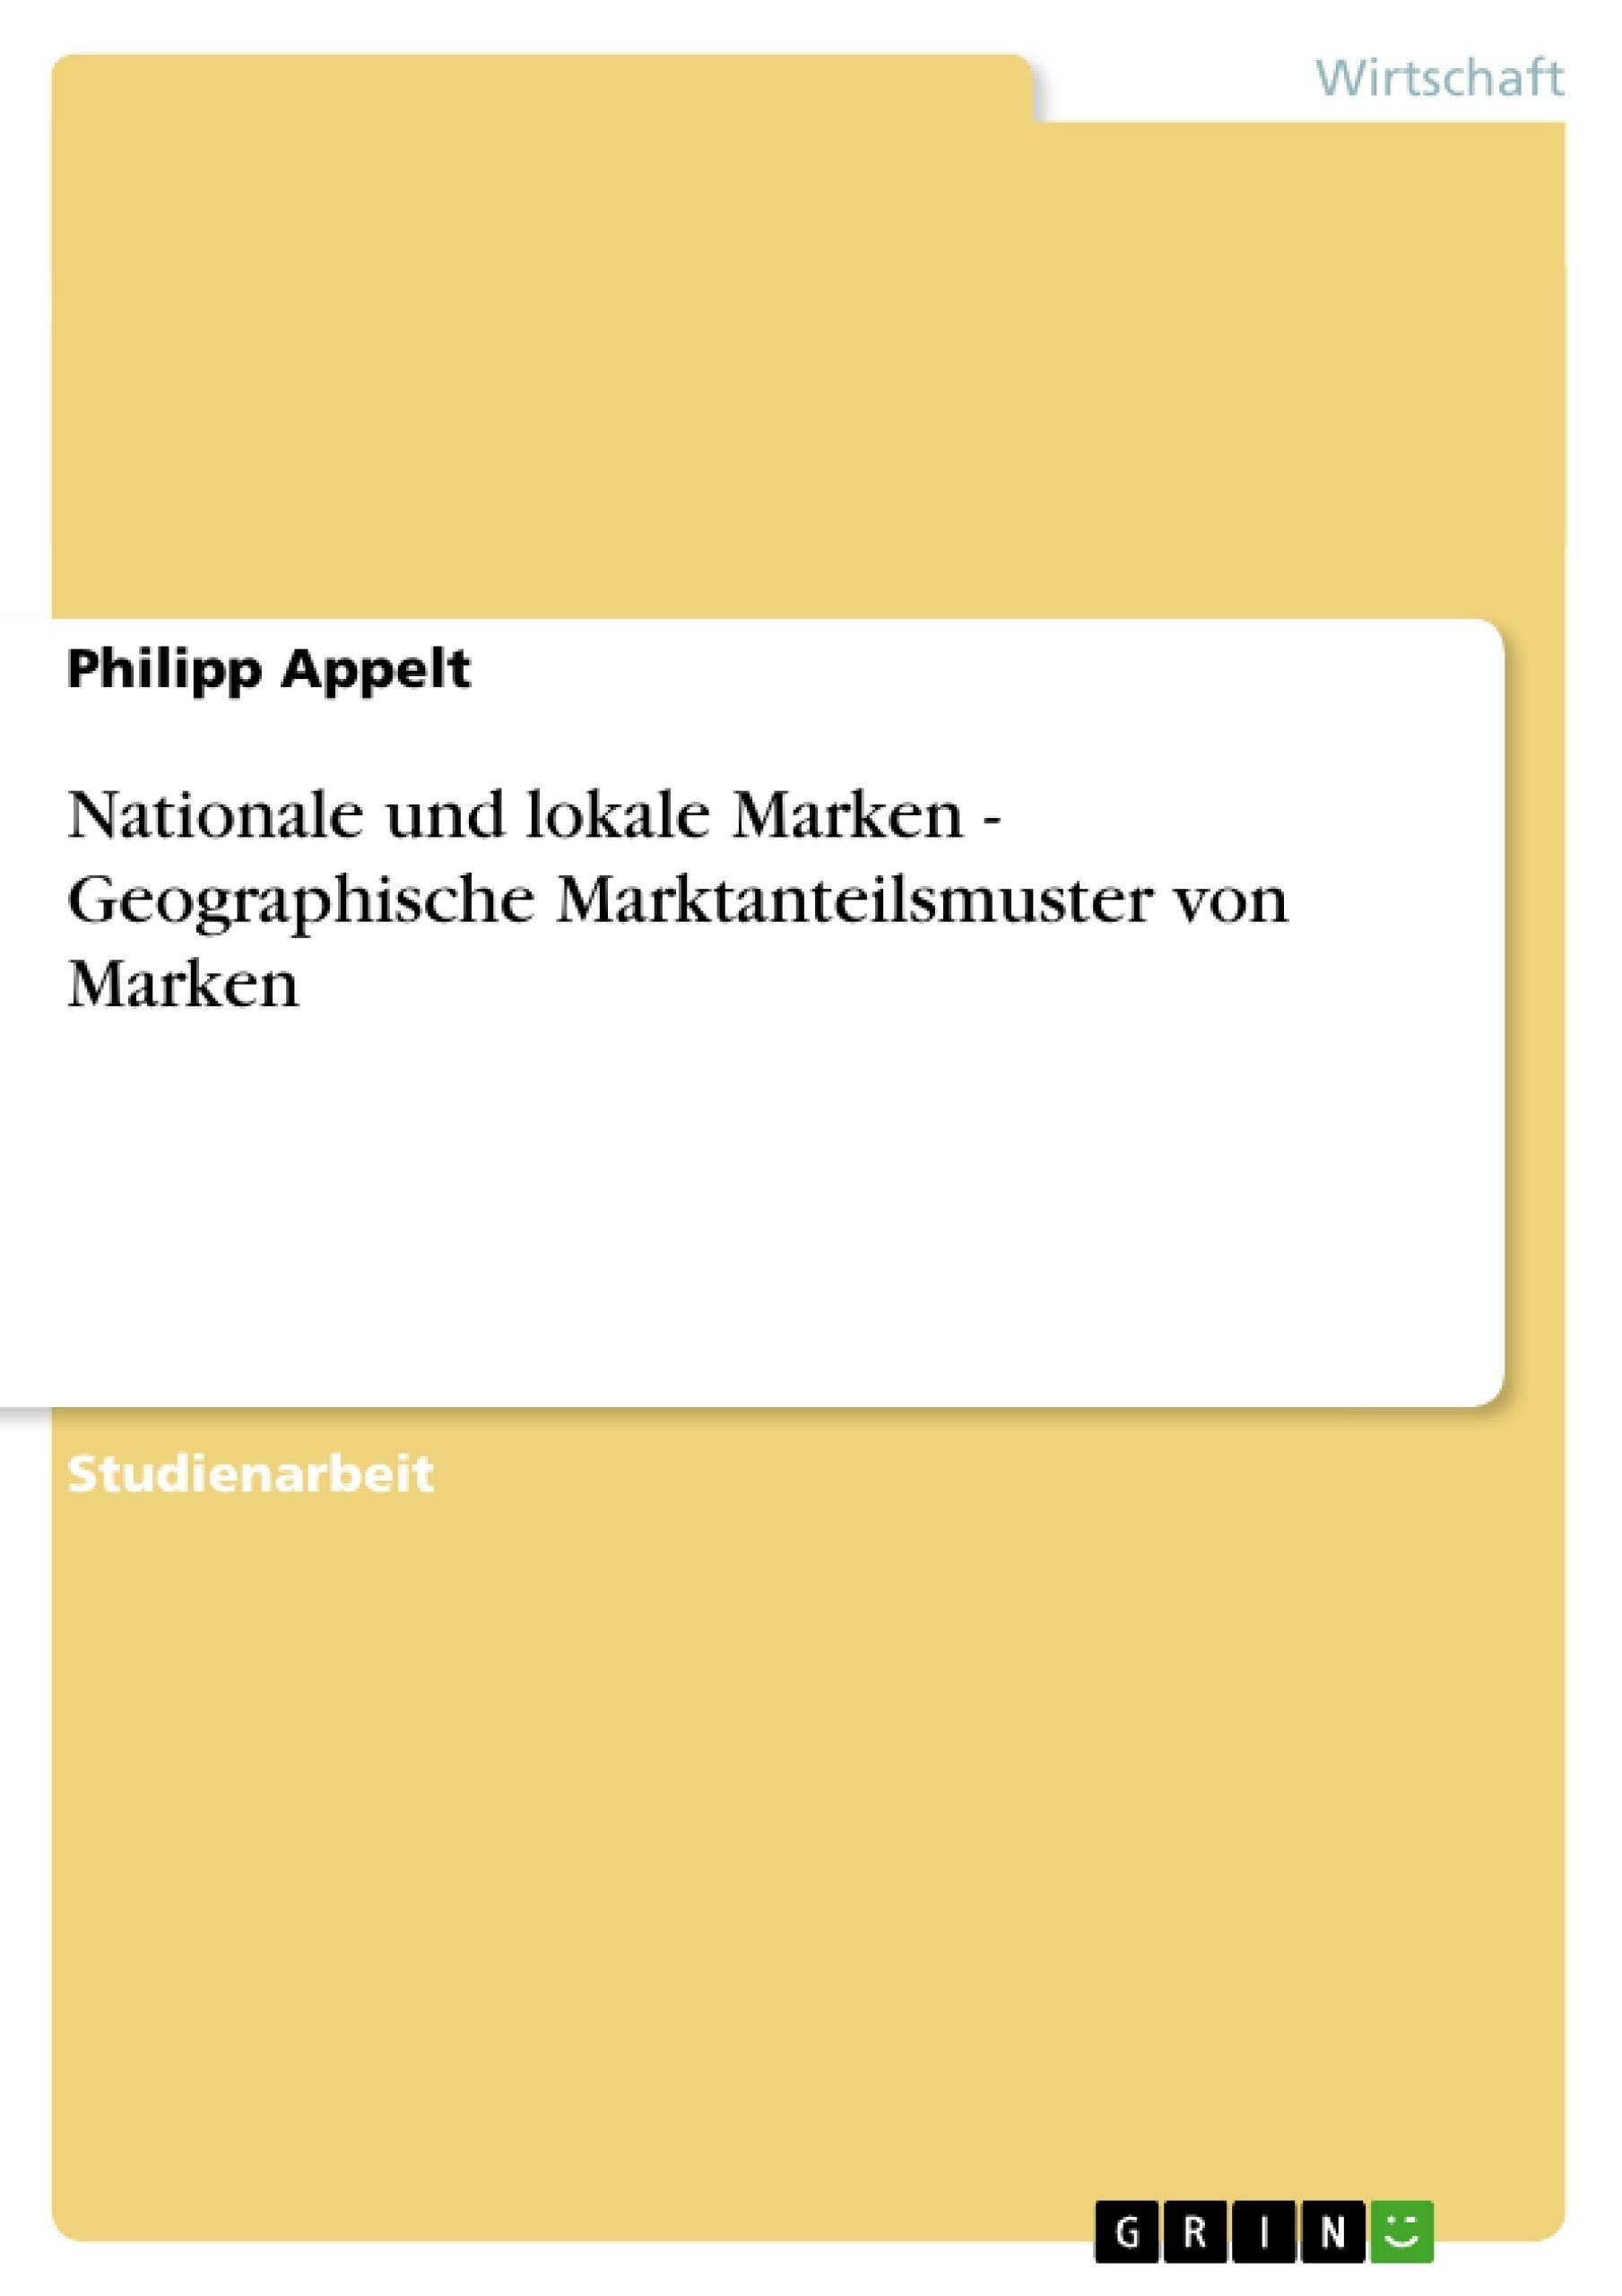 Titel: Nationale und lokale Marken - Geographische Marktanteilsmuster von Marken